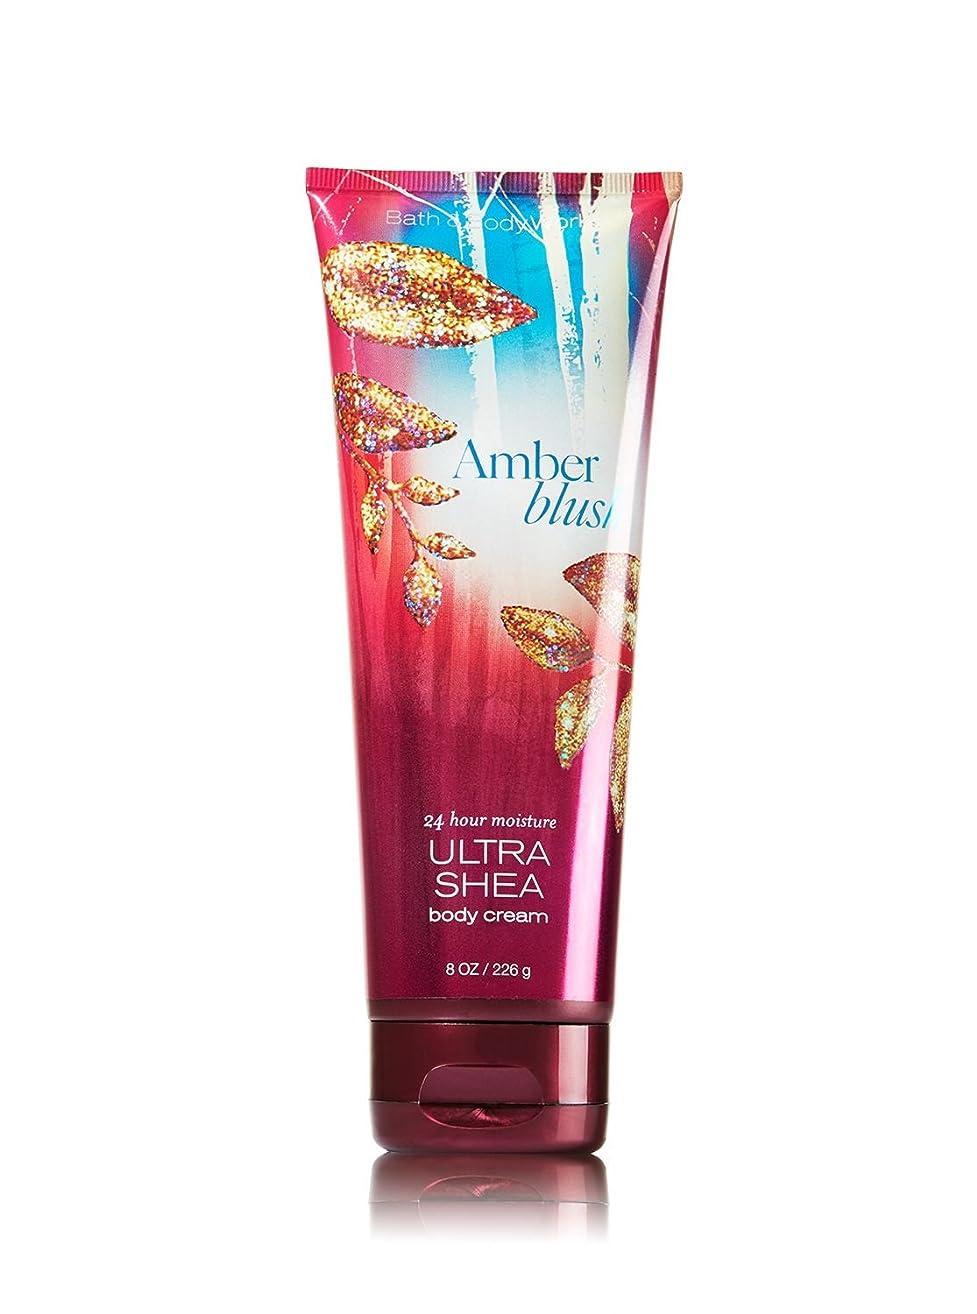 億海軍画家【Bath&Body Works/バス&ボディワークス】 ボディクリーム アンバーブラッシュ Ultra Shea Body Cream Amber Blush 8 oz / 226 g [並行輸入品]